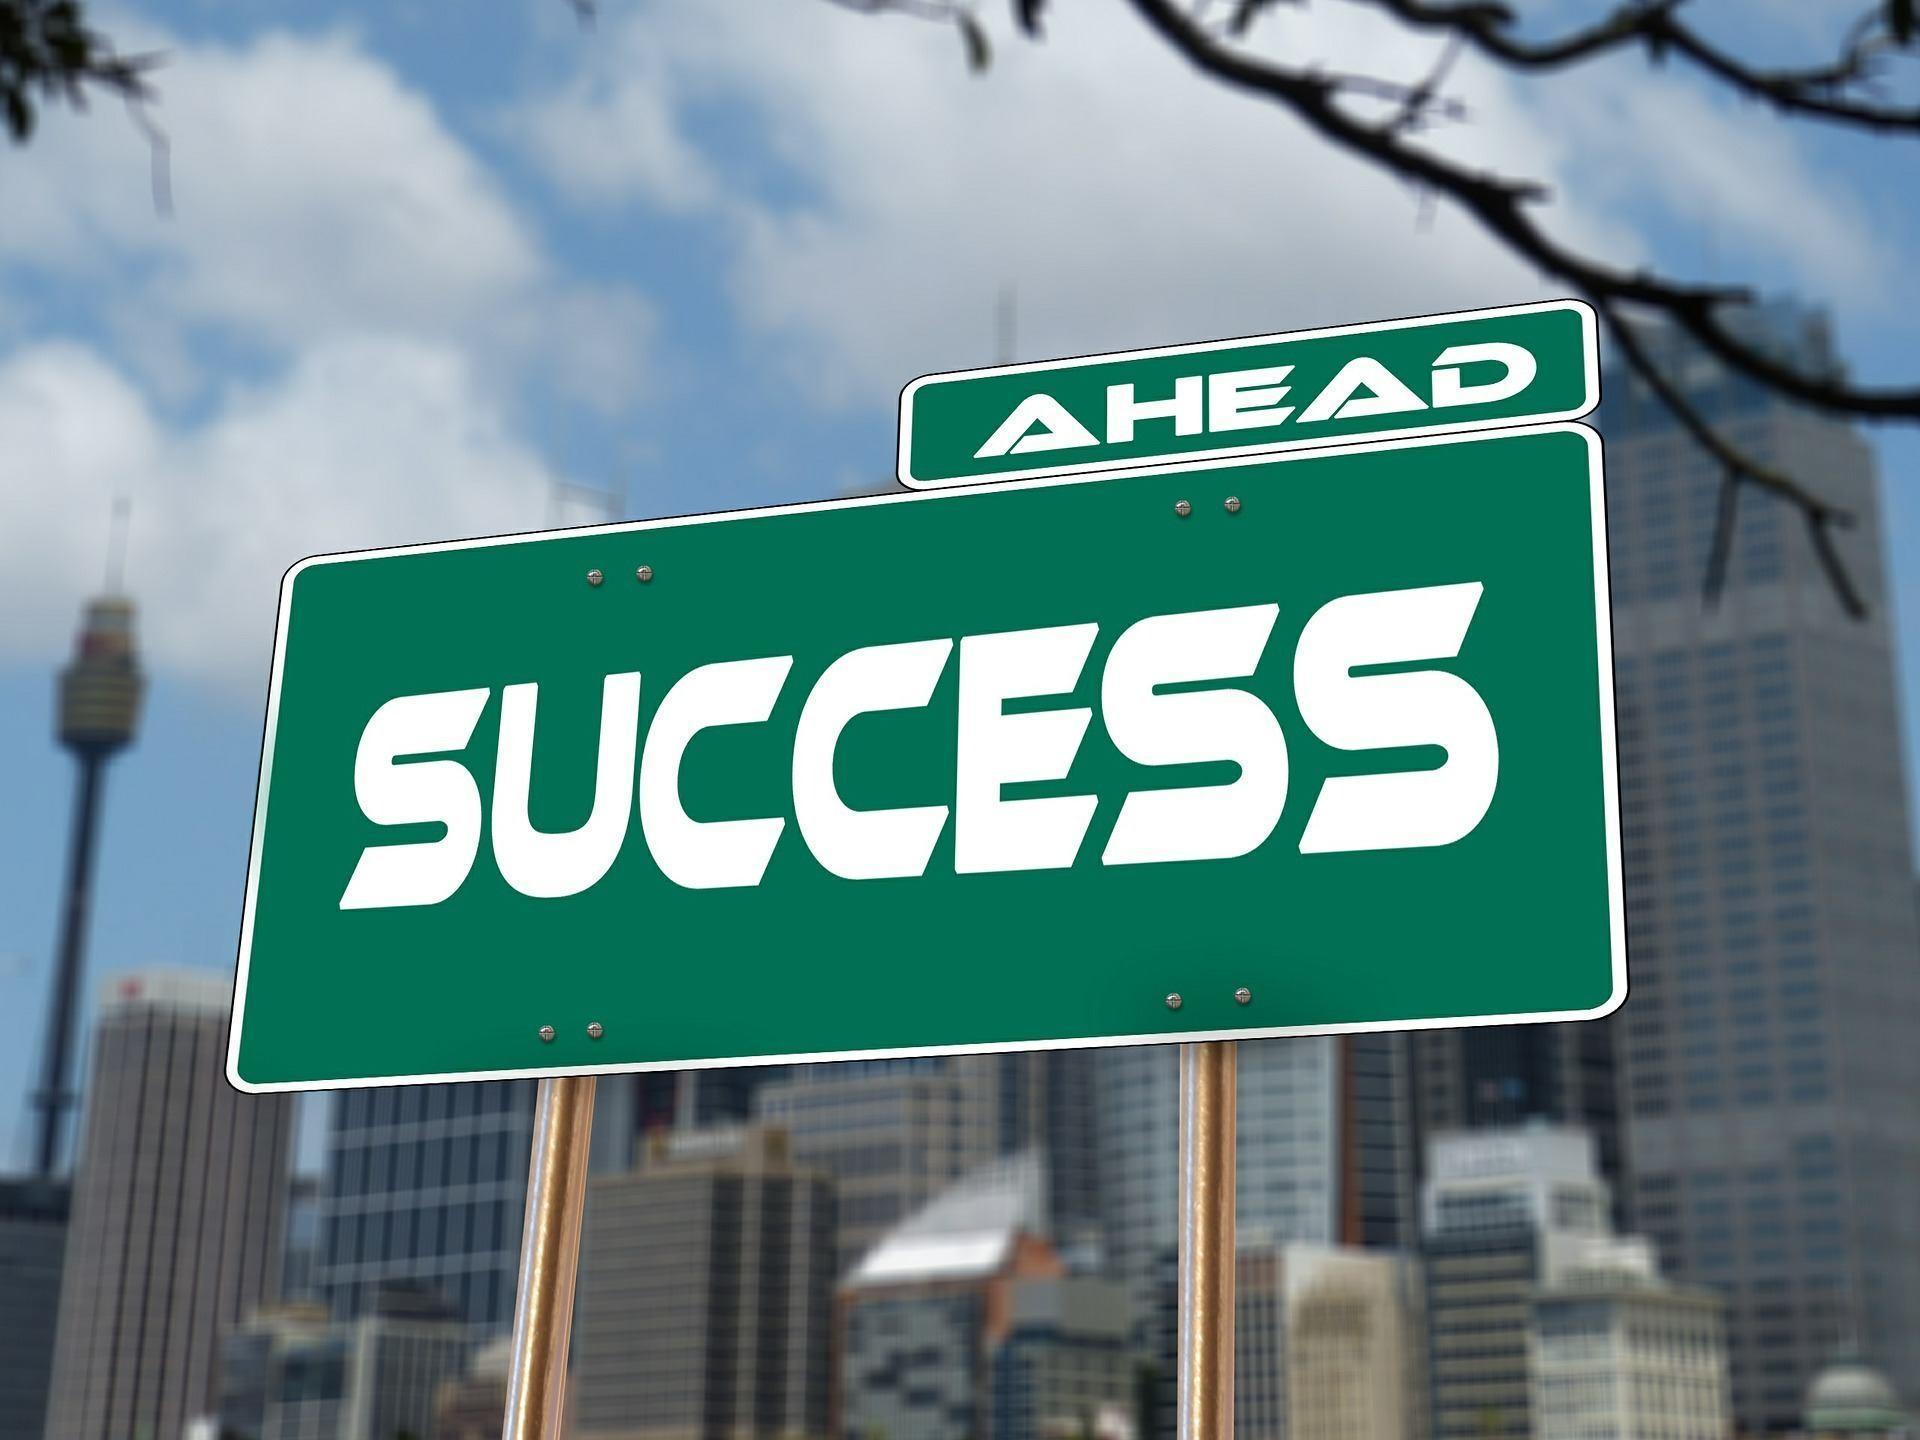 كيف تكون ناجحاً في الحياة